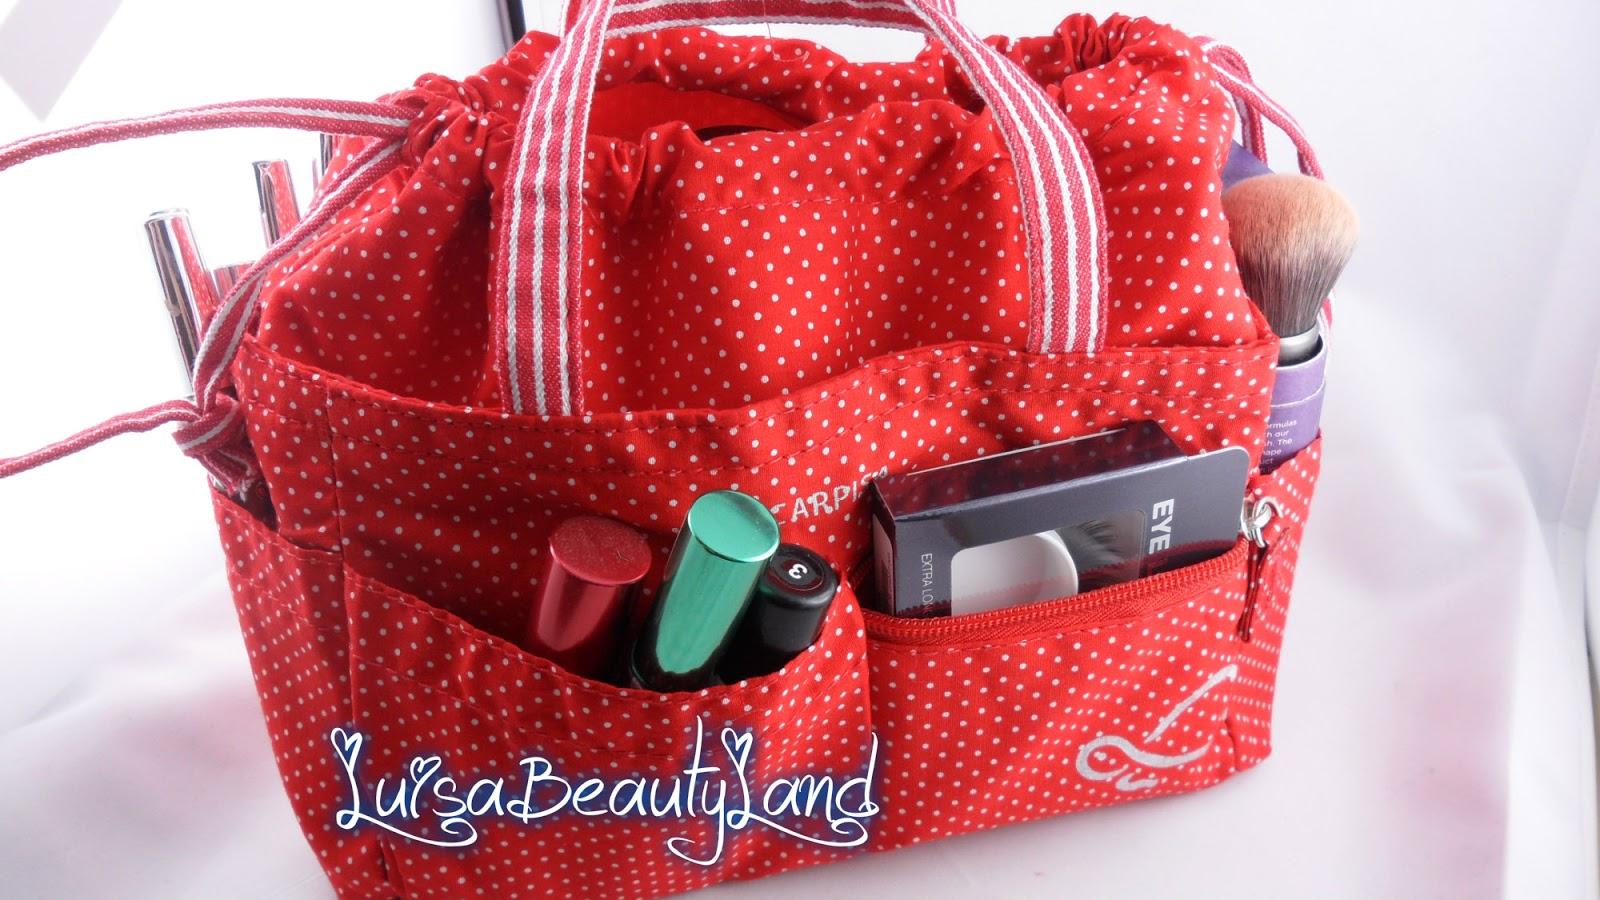 negozio online 003b7 3d43a fenrad Grigio Viaggi Donne Borsa Dell'organizzatore Della Fodera Tidy  Travel Organizer Borsa Pouch Bag in Bag Organizer Insert Pocket  Cosmetic--Grey